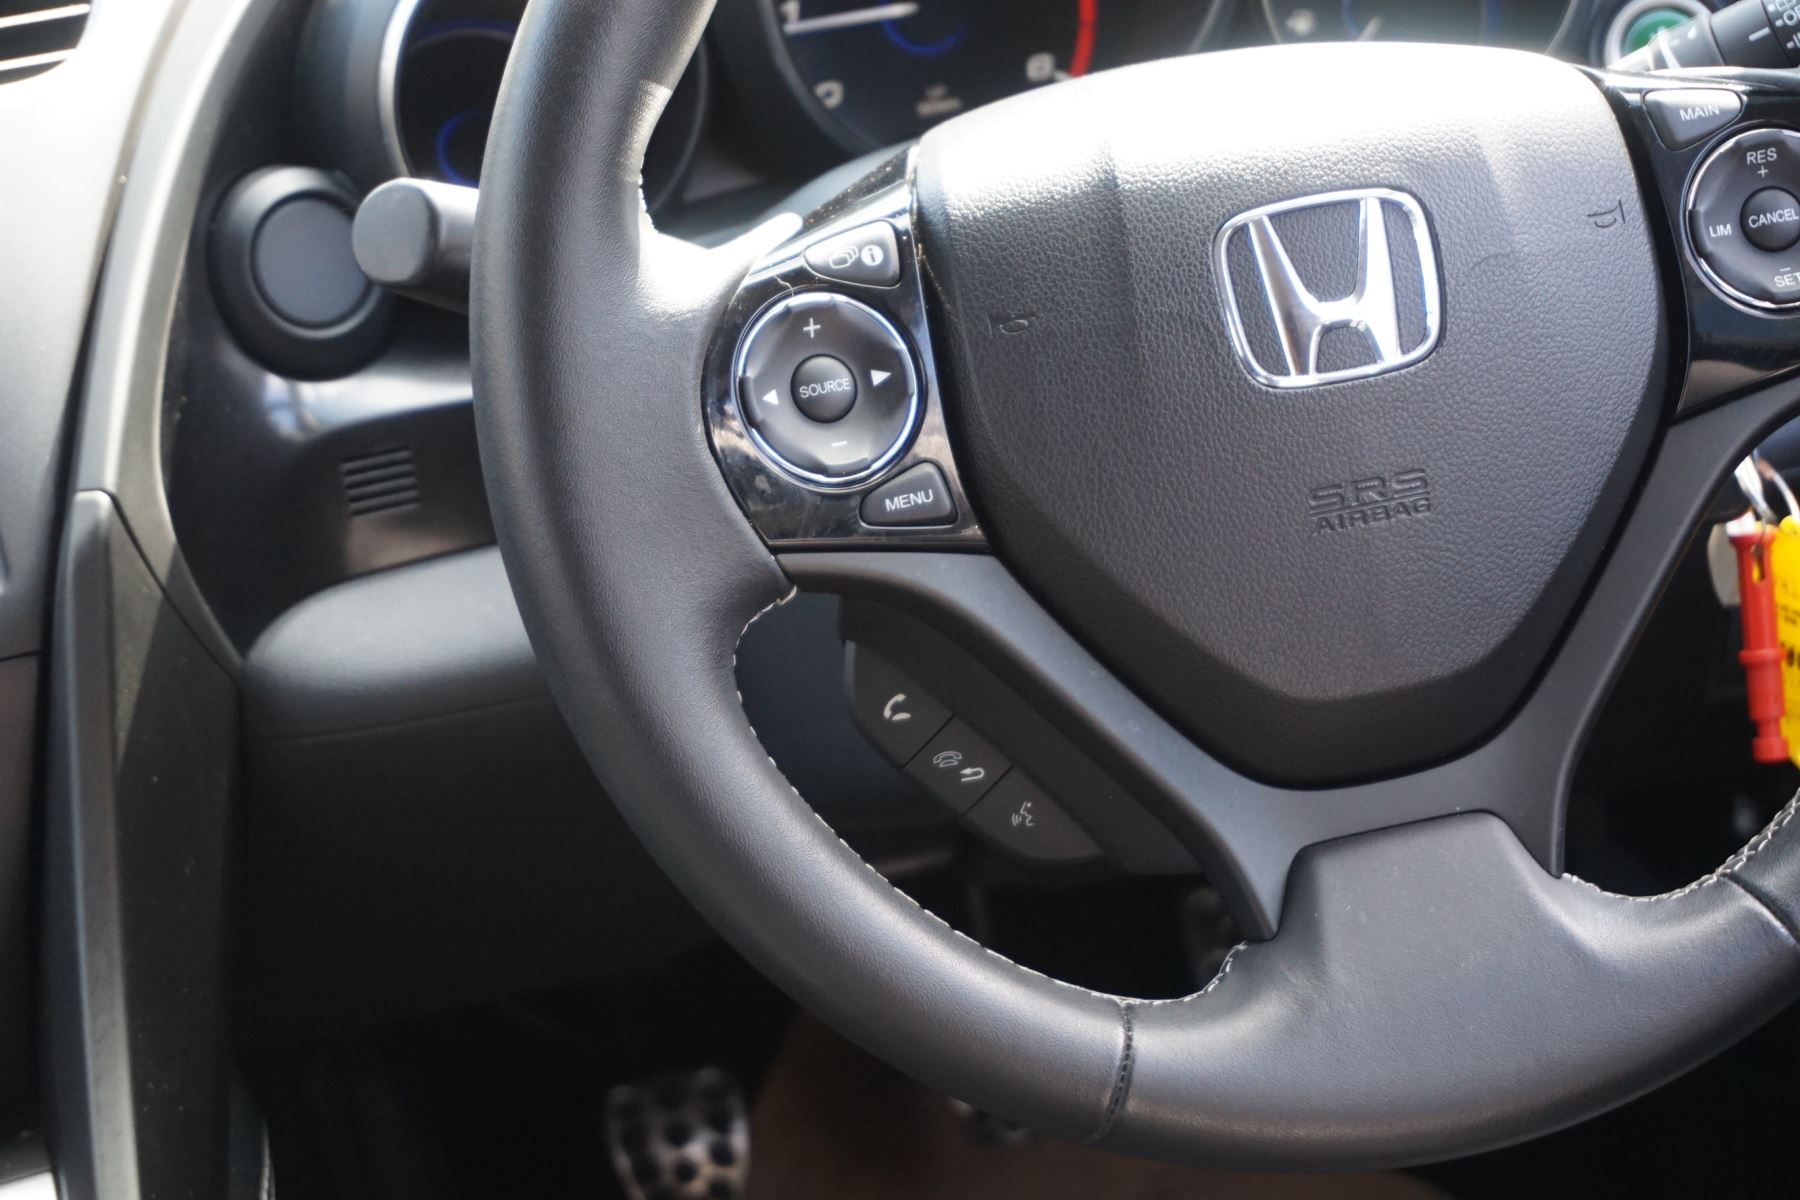 Honda Civic 1.6 i-DTEC SR 5dr image 11